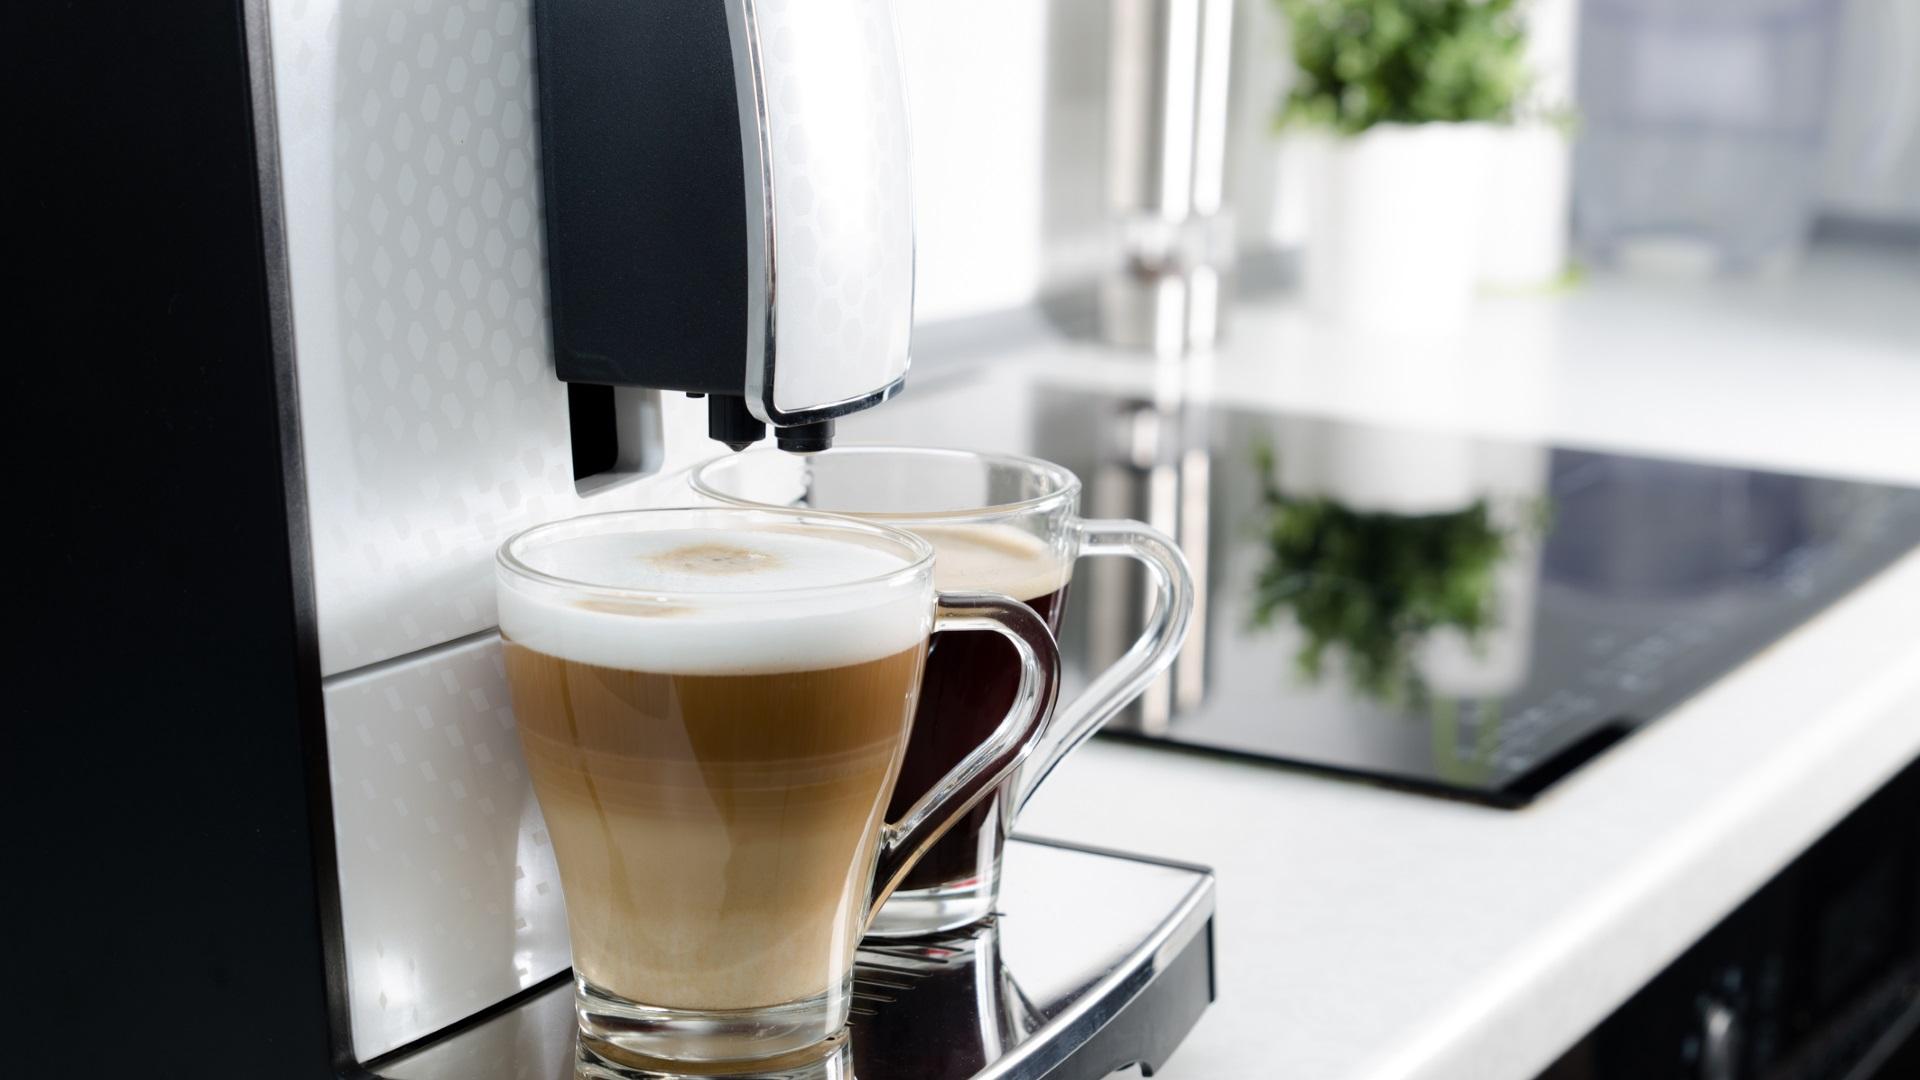 <p>Нашите кафеварки често са забравени, когато става дума за чистене кухнята, но тази любима малка машина е друг &quot;терен&quot; за микроби, особено във вътрешността на резервоара за вода. Ето защо не трябва да забравяме машината за кафе.</p>